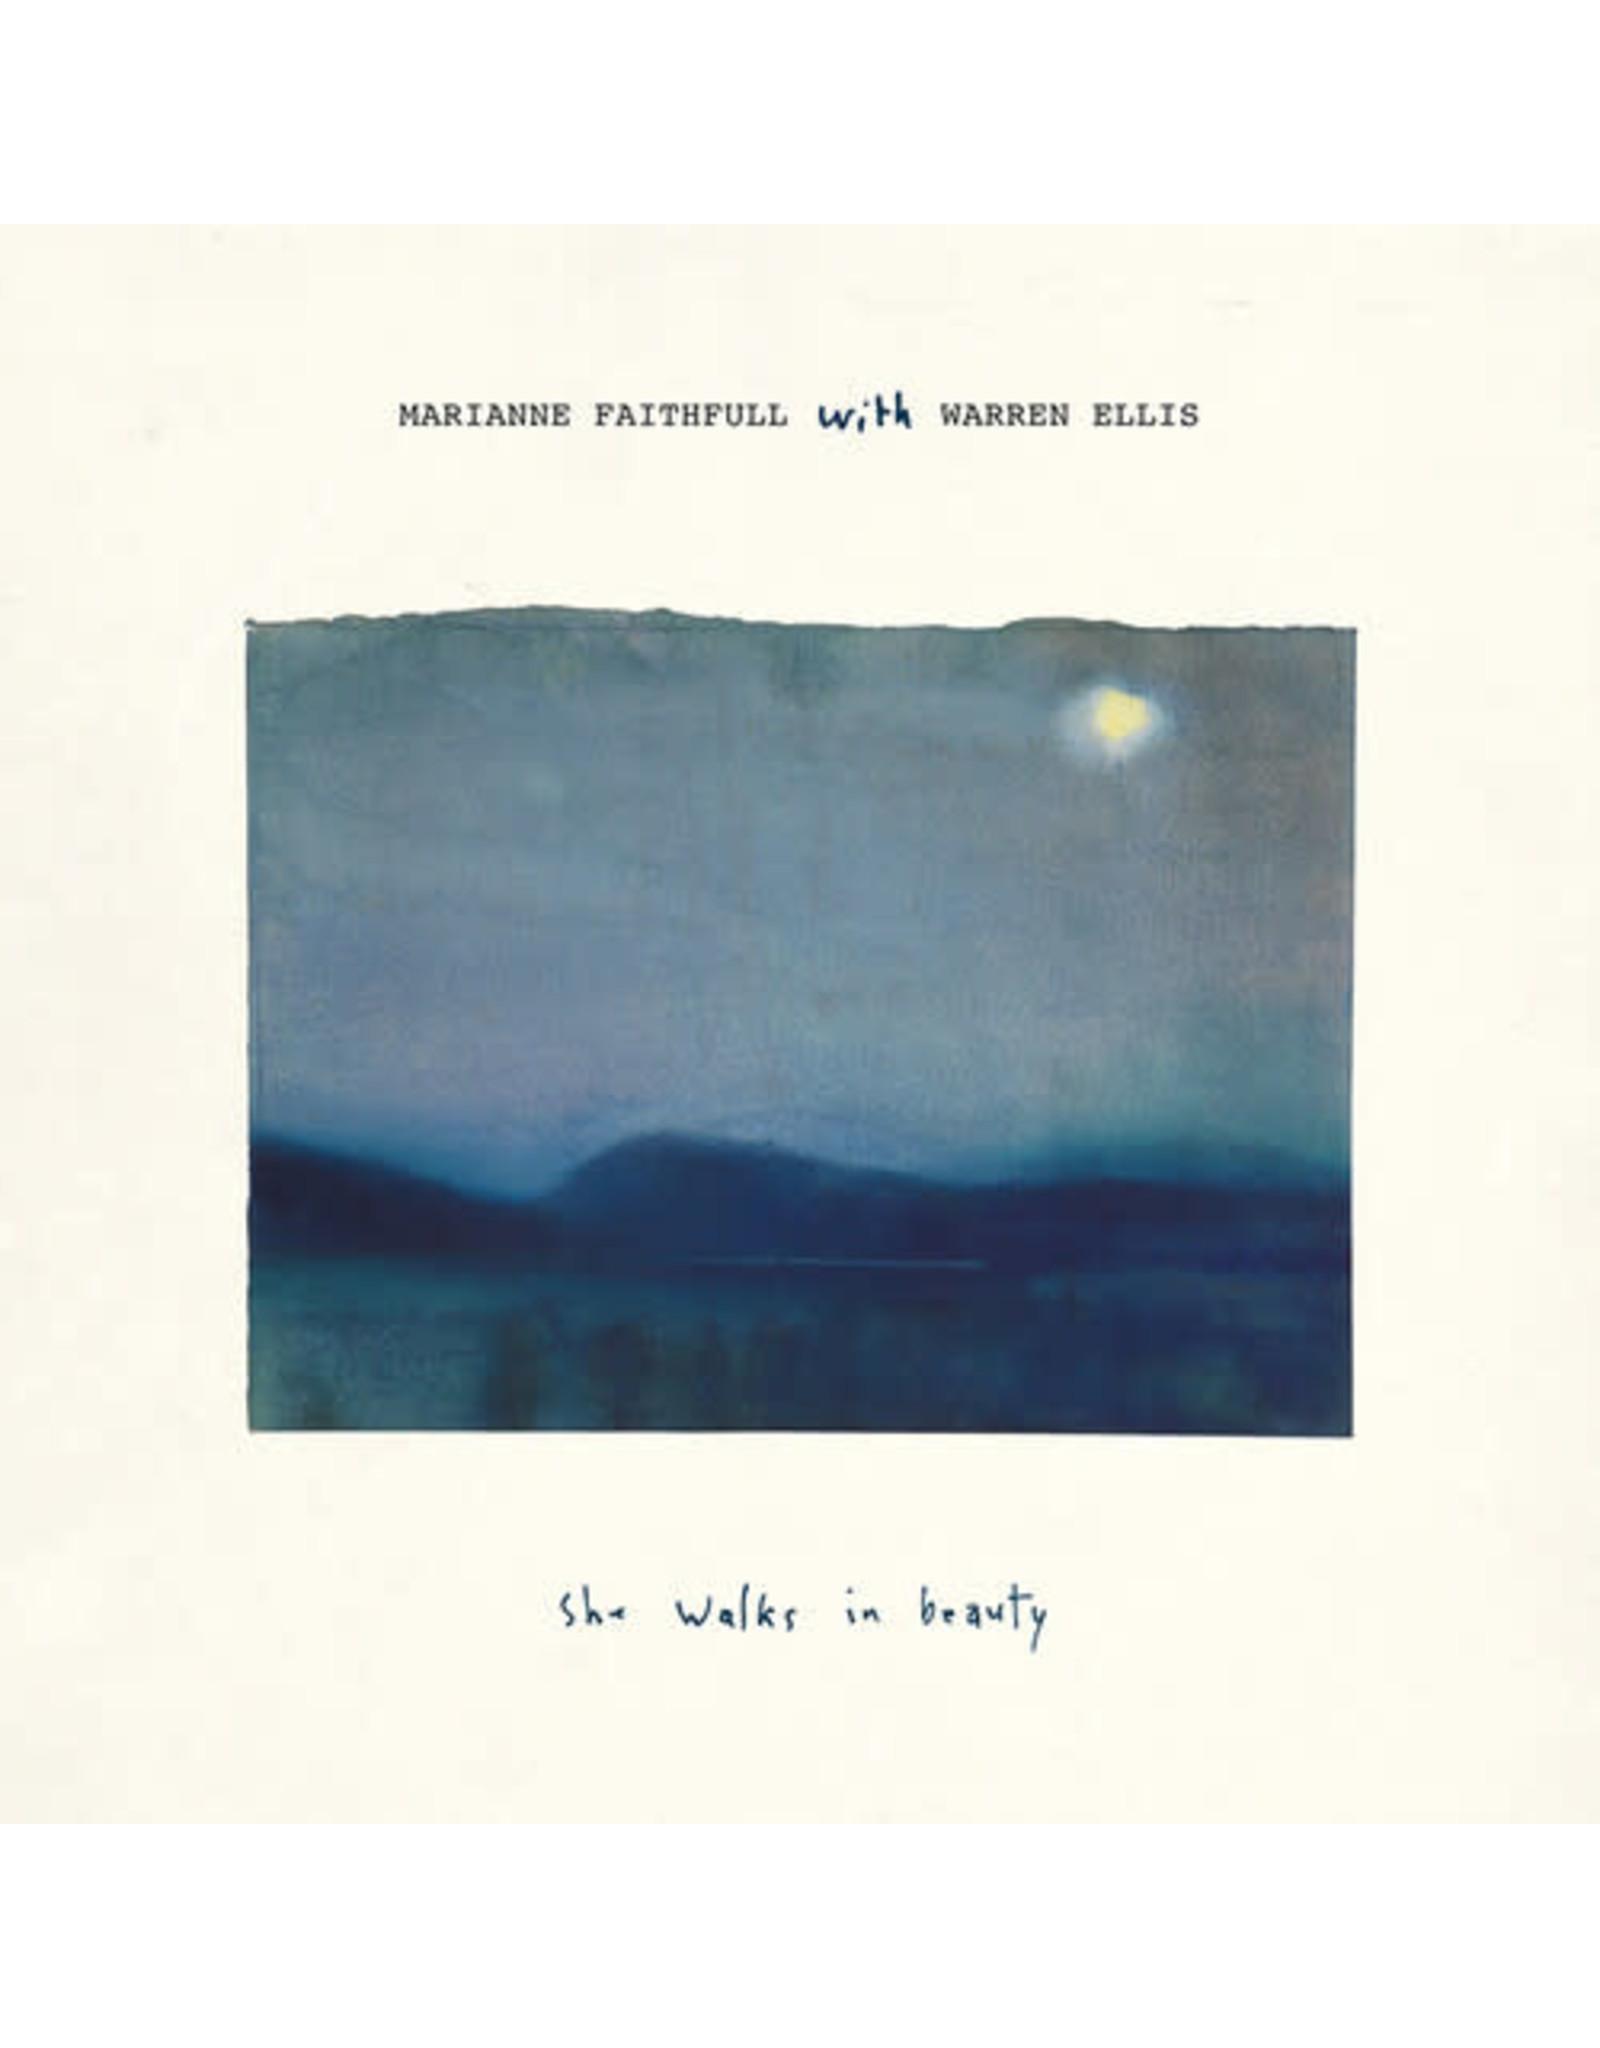 New Vinyl Marianne Faithfull With Warren Ellis - She Walks In Beauty 2LP